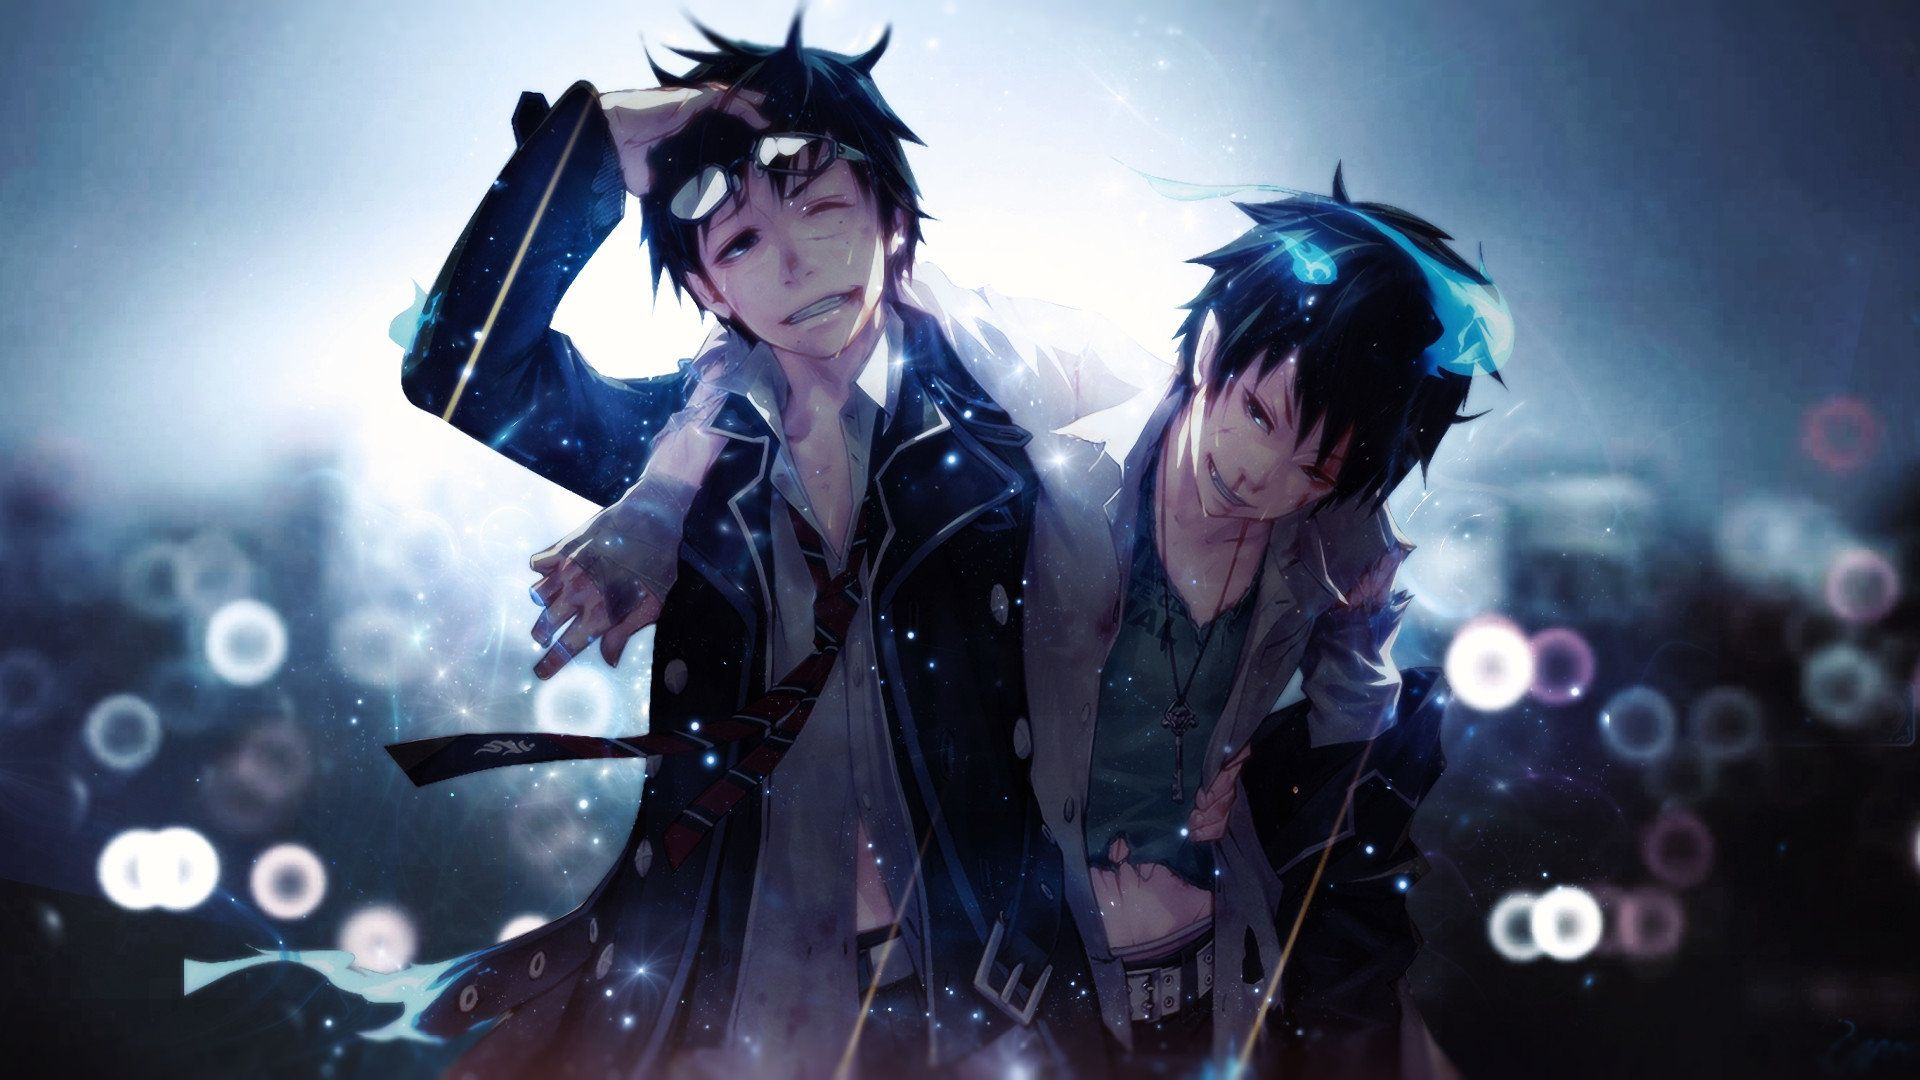 Free Blue Exorcist Ao No High Quality Background Id 242179 For 1080p Pc Blue Exorcist Anime Blue Exorcist Ao No Exorcist